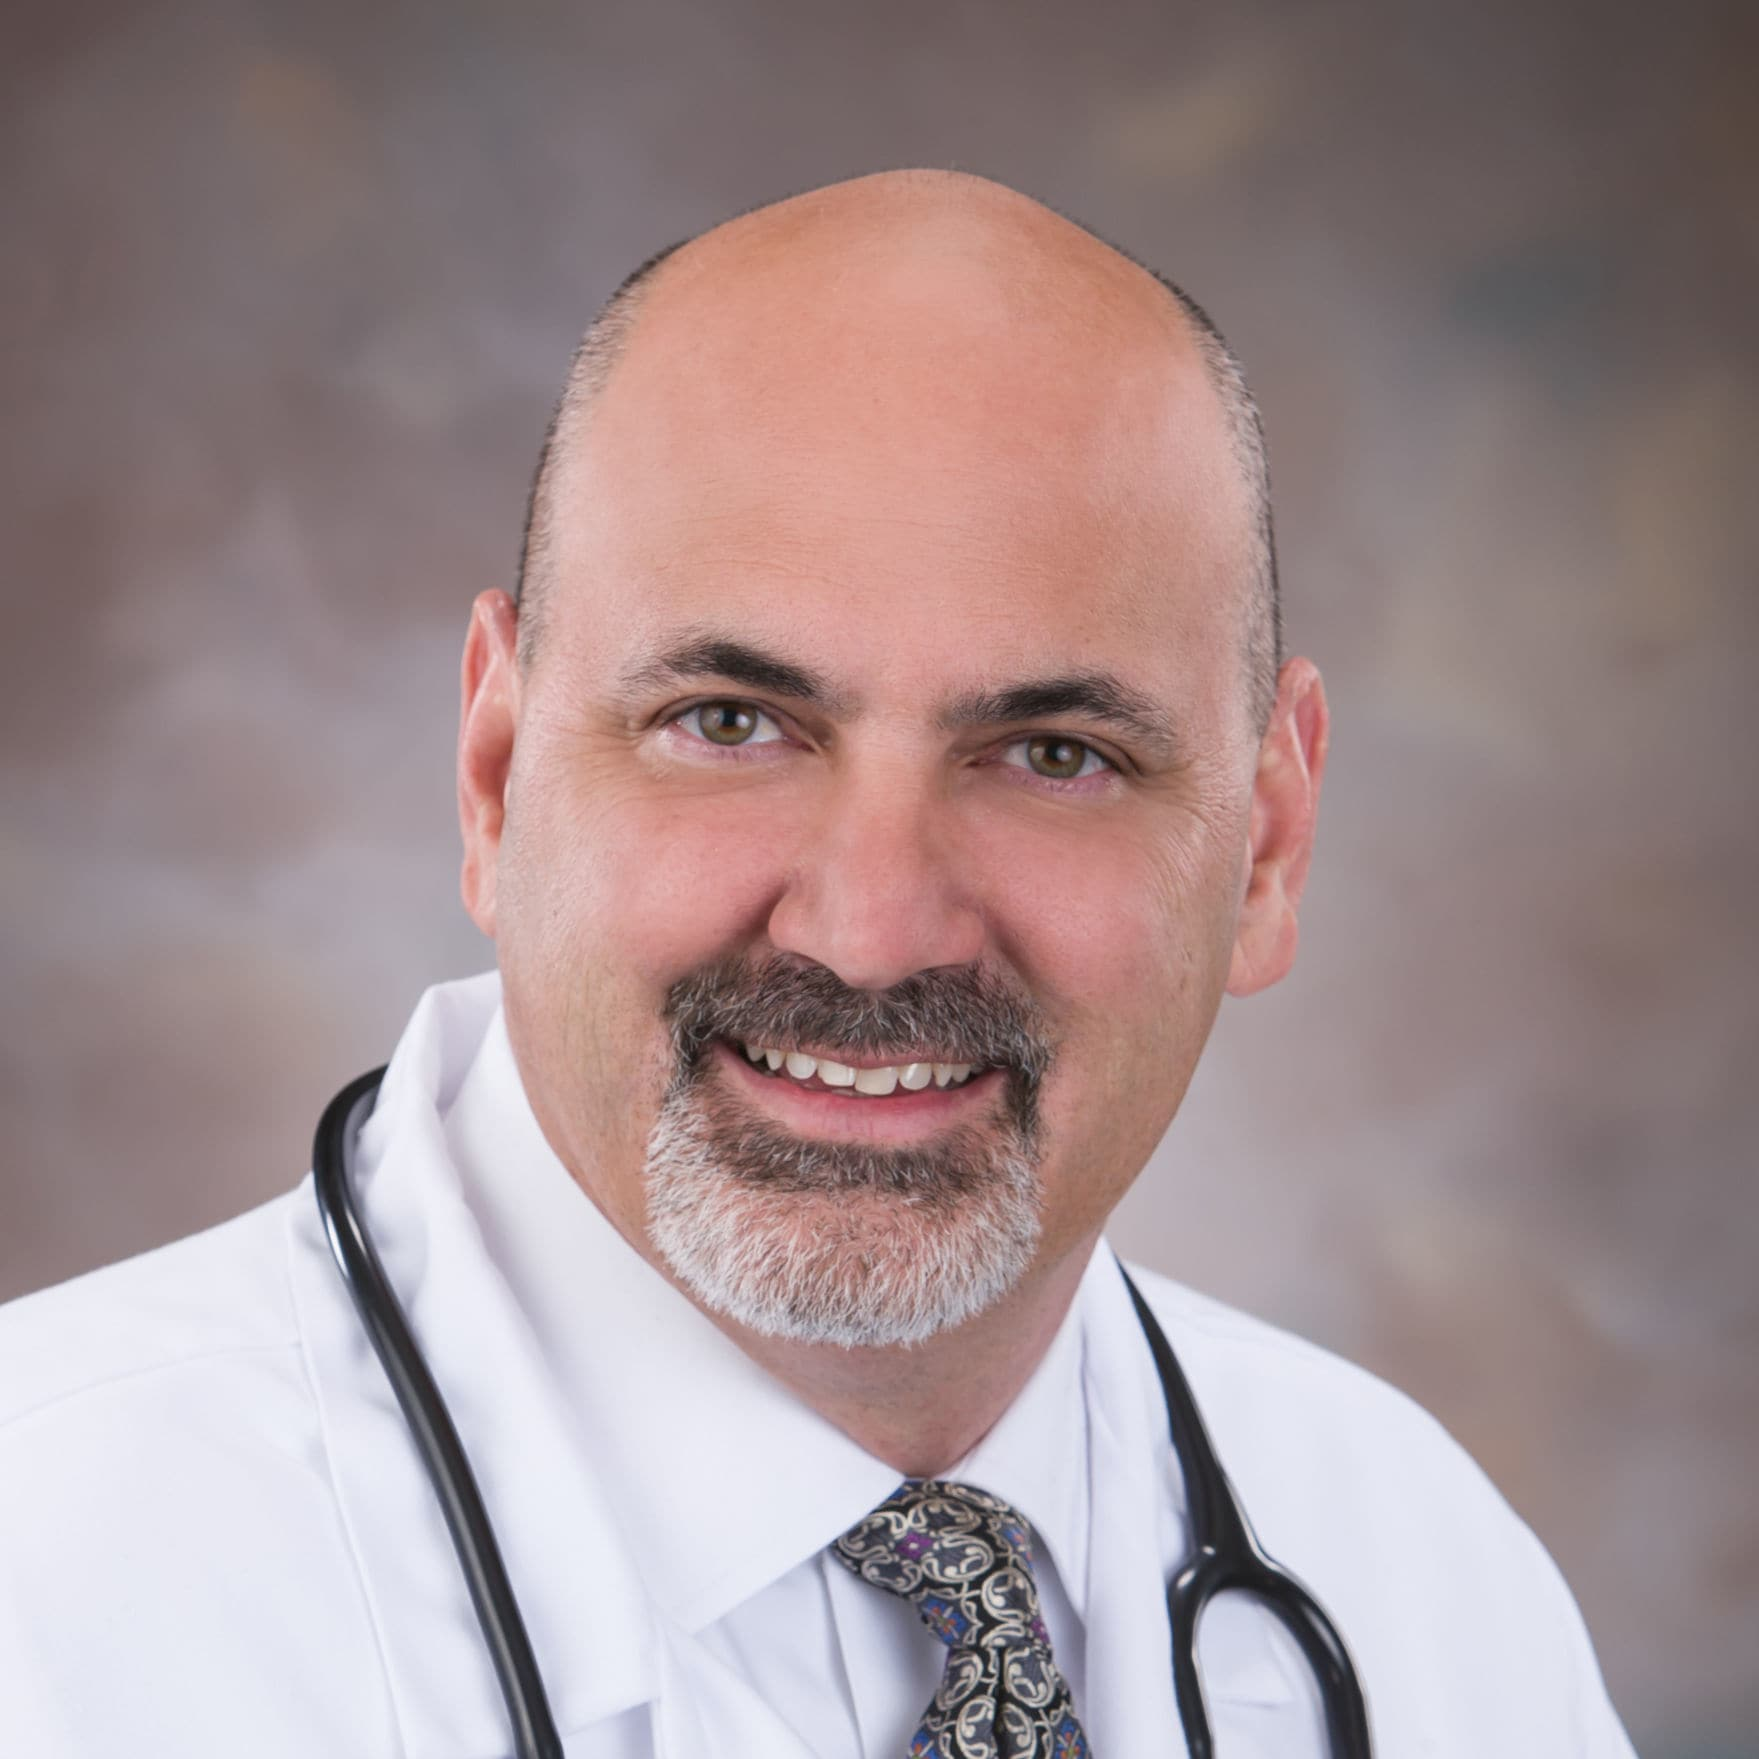 Dr. Stephen J Schorr MD